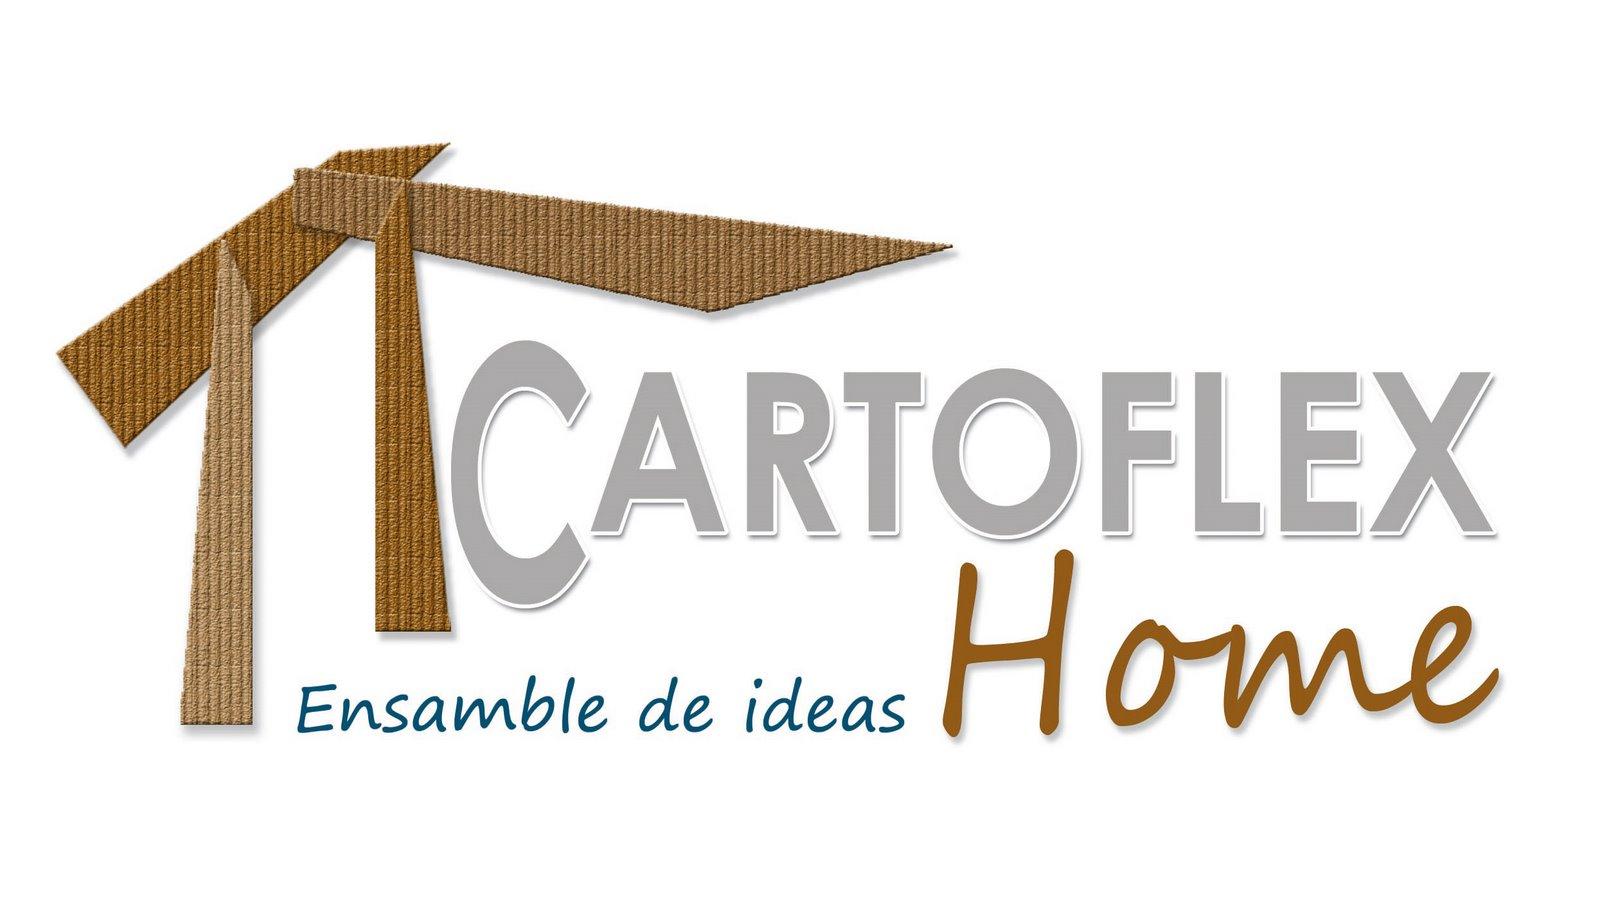 cartoflexhome 2009